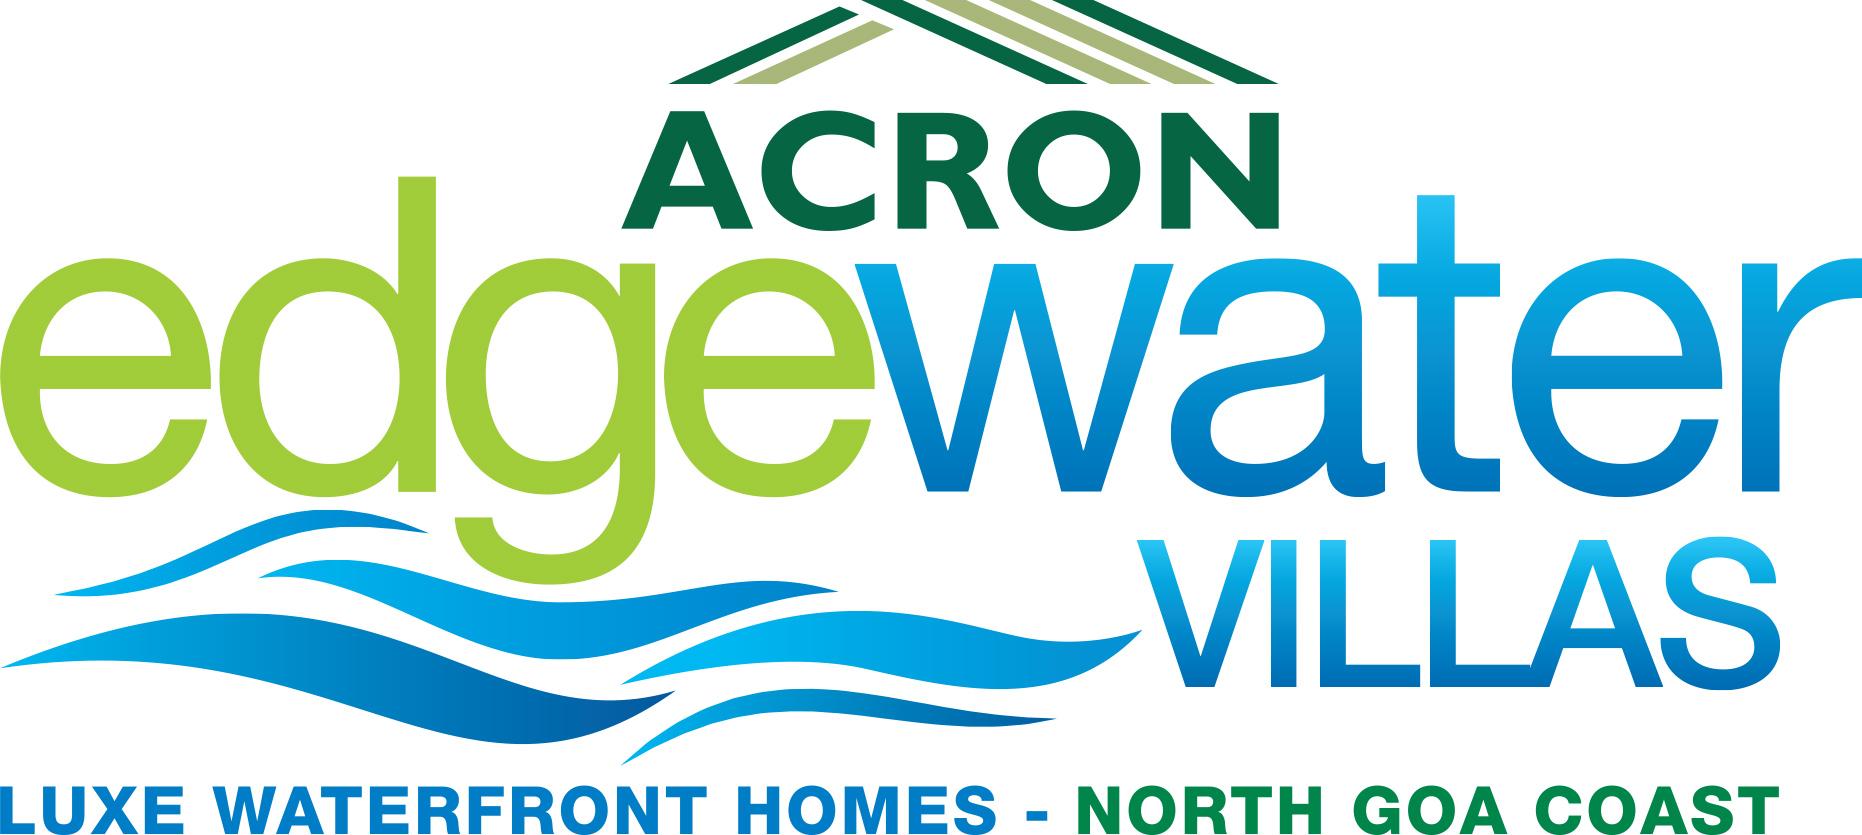 LOGO - Acron Edgewater Villas